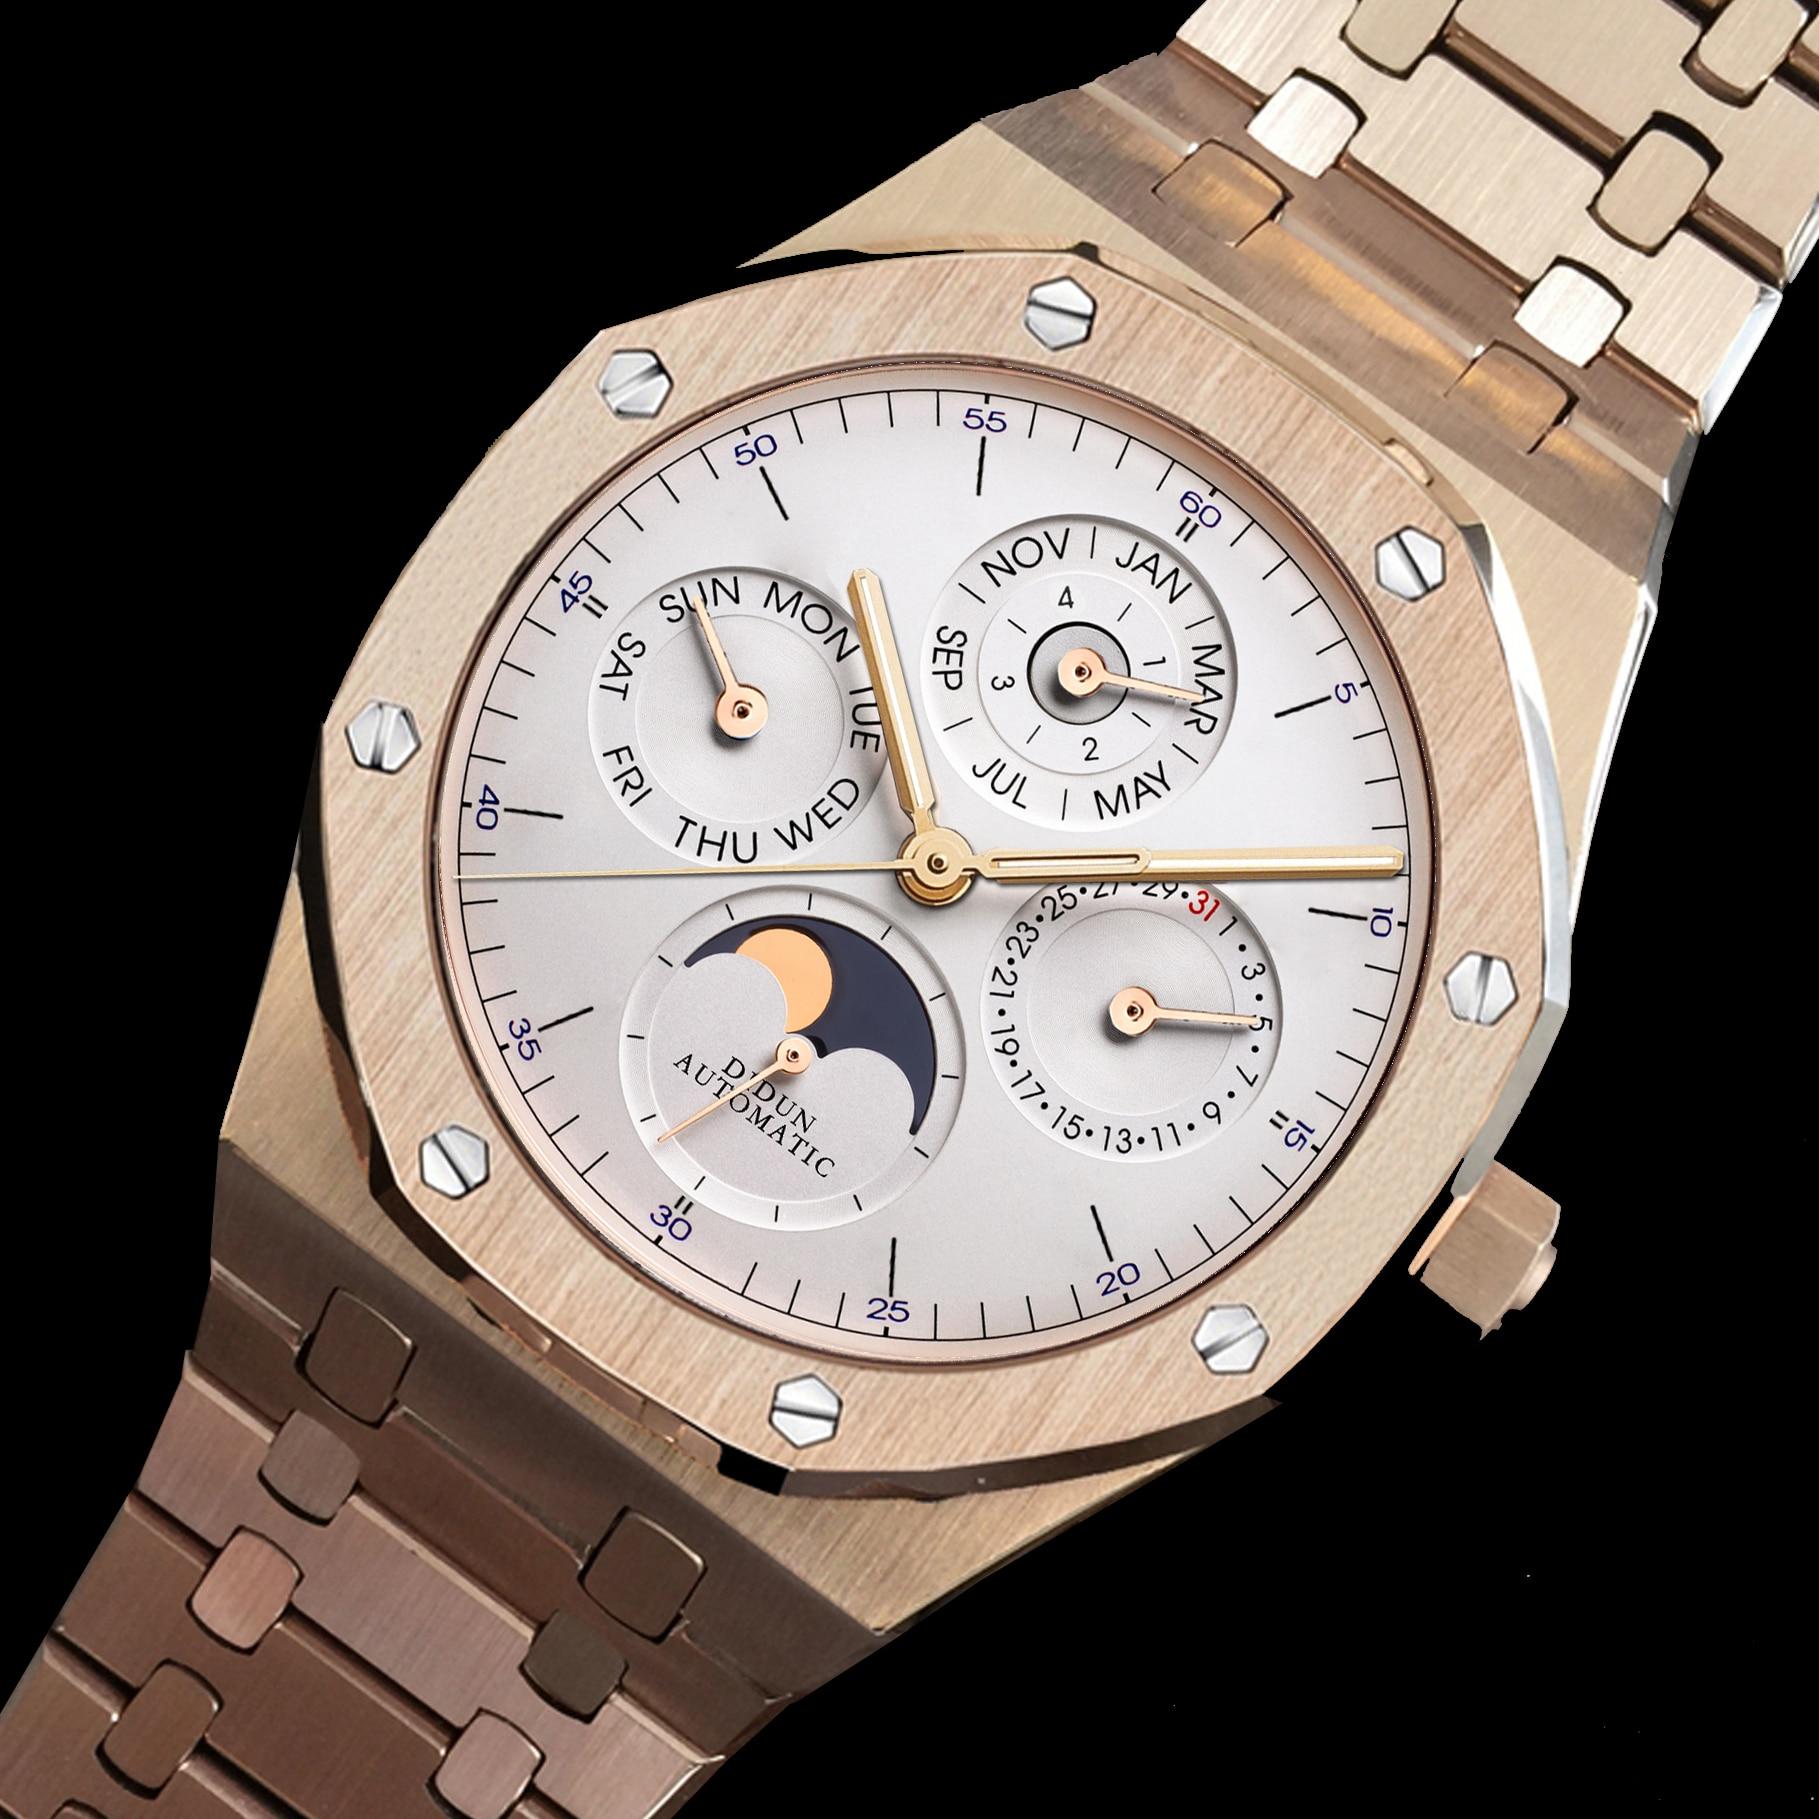 DIDUN Homens Relógios Top Marca de Luxo Relógio Mecânico Automático de Negócios de Moda Relógio Moonphase 30m À Prova D' Água